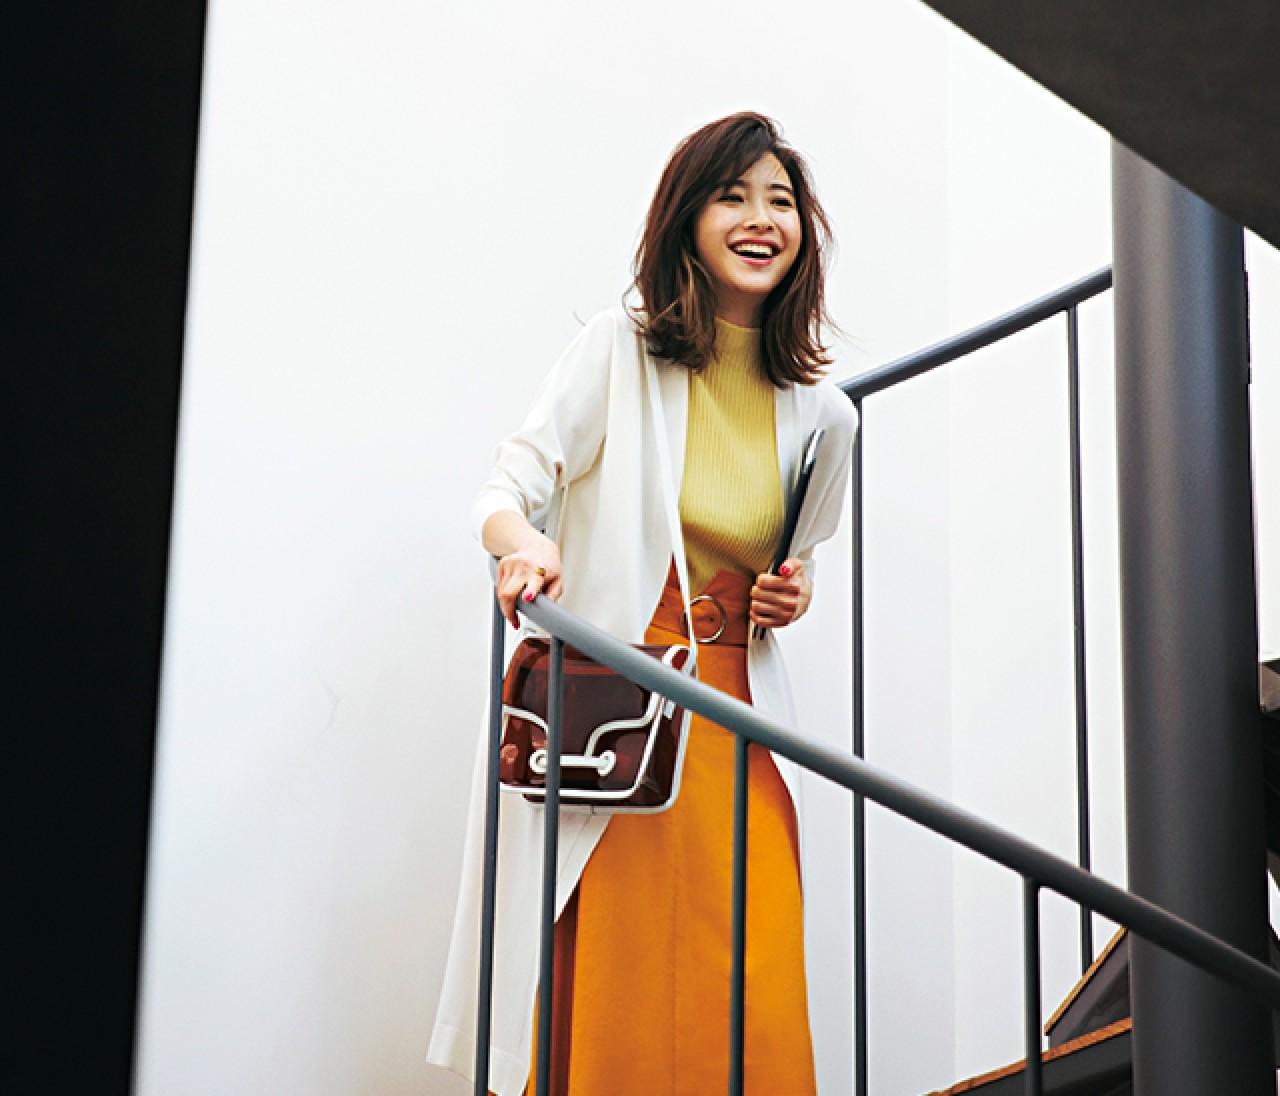 銀座デートの日は、鮮度高めの洗練イエロースタイル♡【2019/5/10のコーデ】